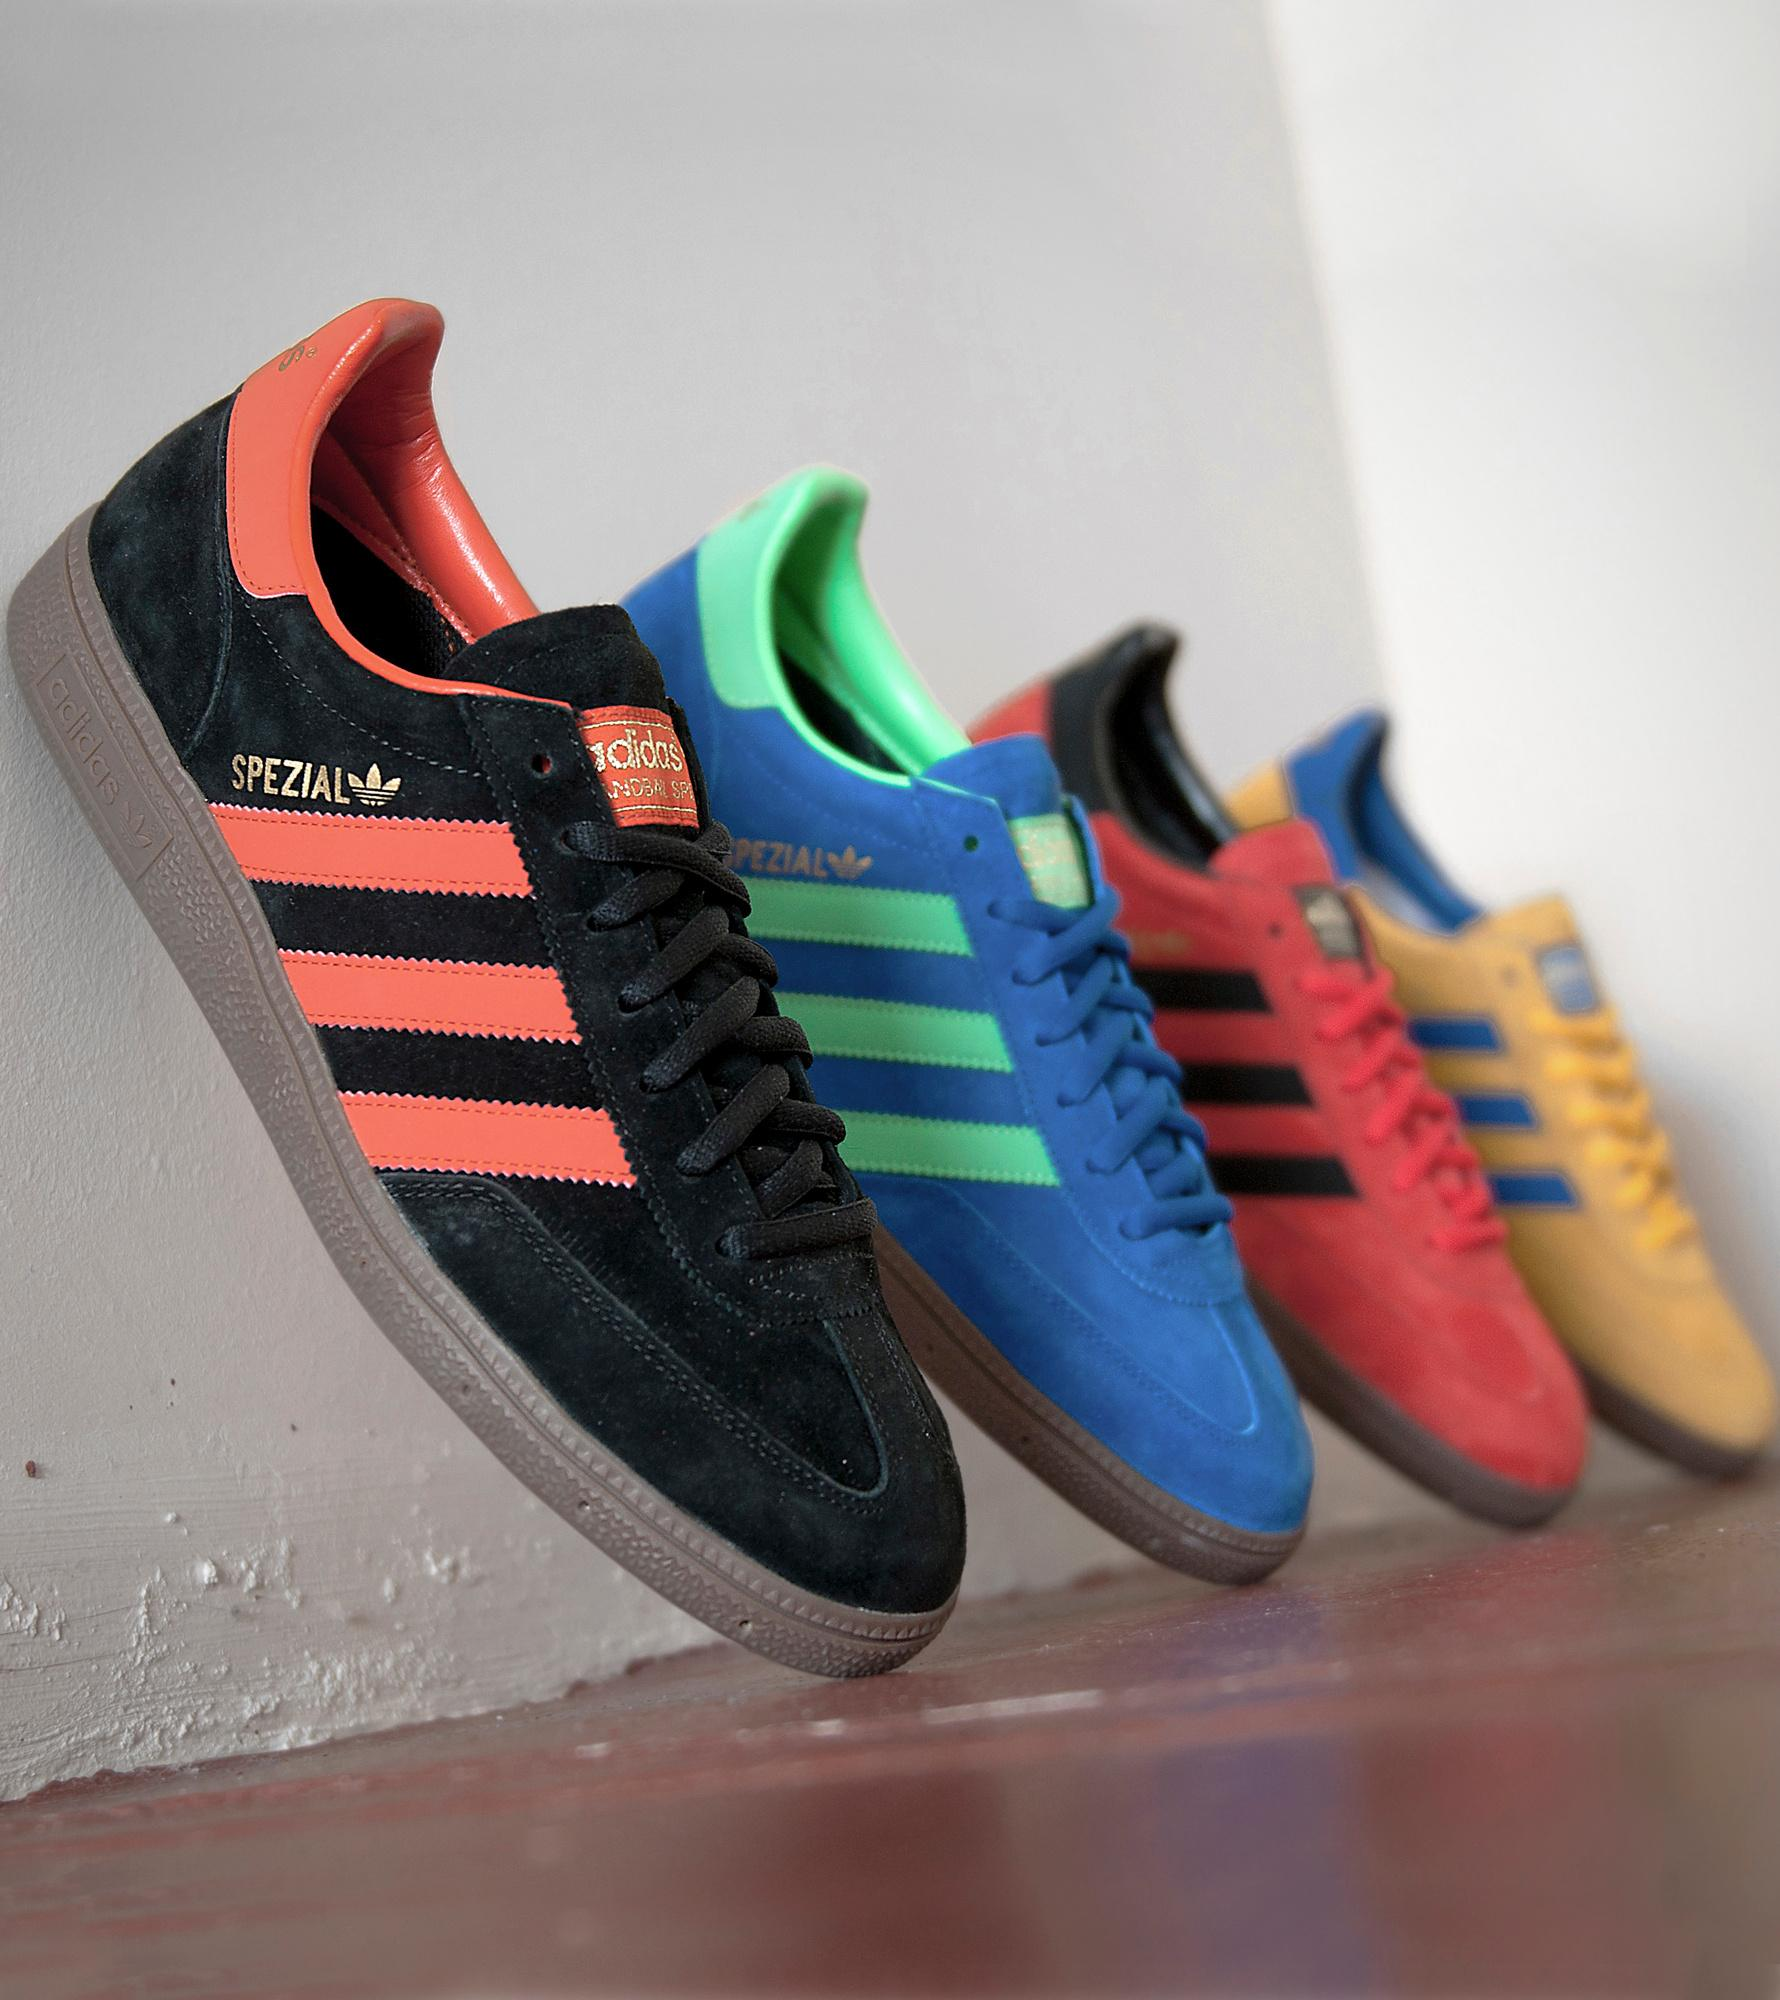 Adidas Originals Spezial Brussels